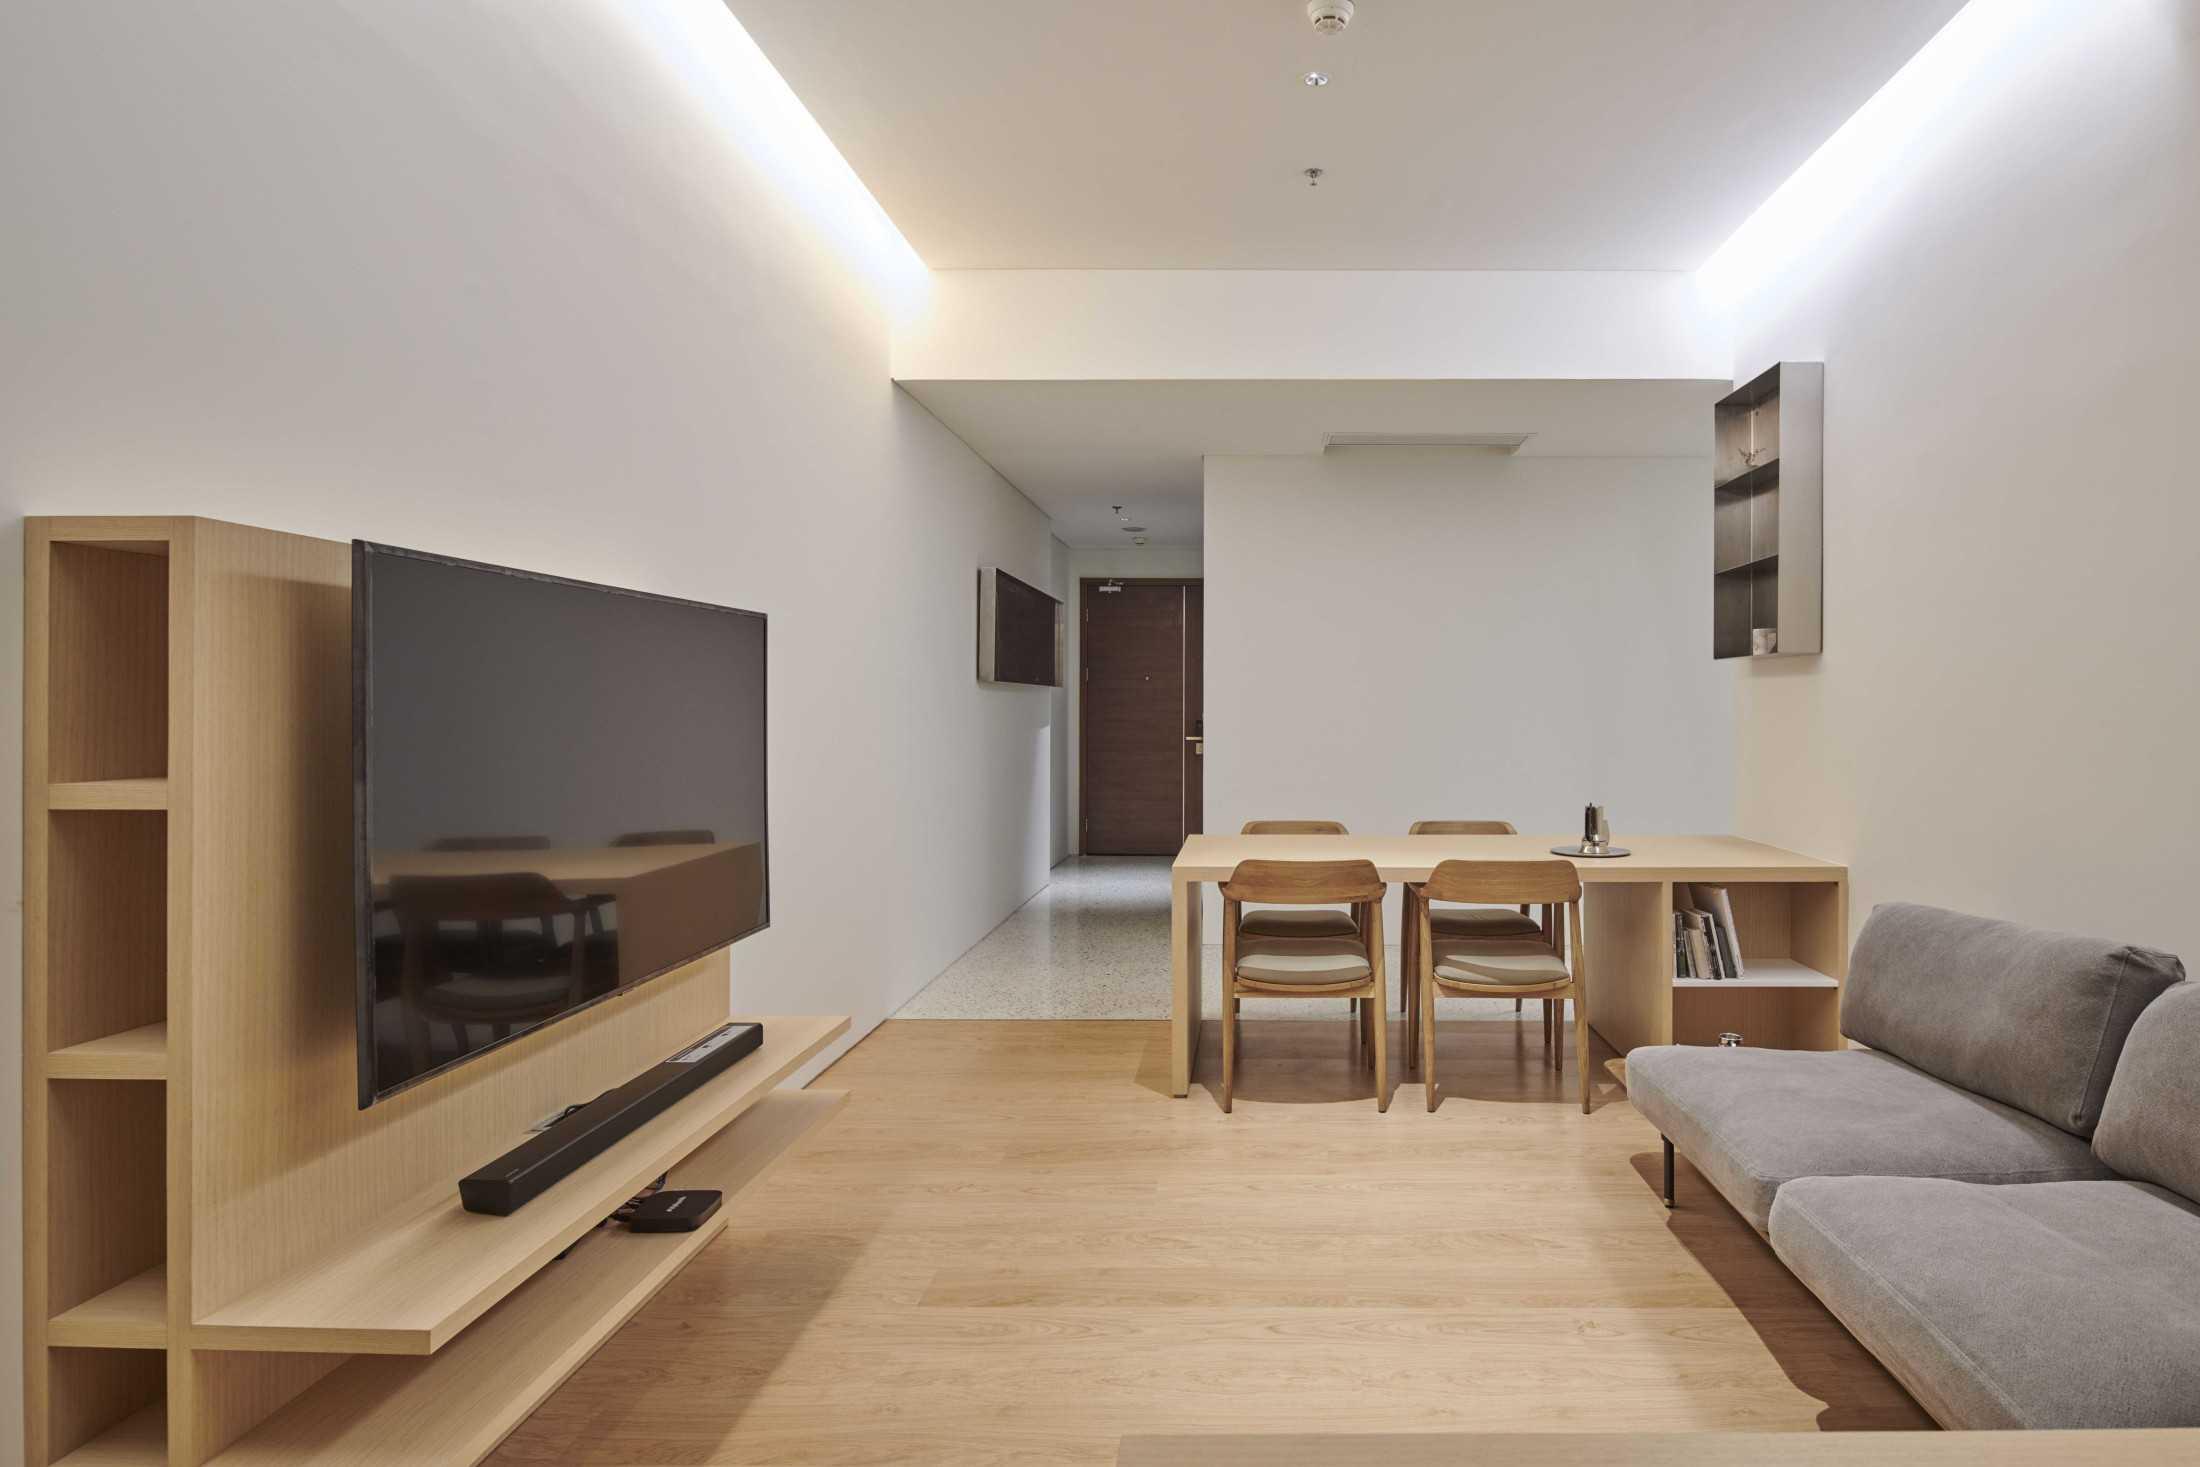 Apartemen minimalis tanpa sekat, proyek Marigold Apartment karya Design Donk (Sumber: arsitag.com)